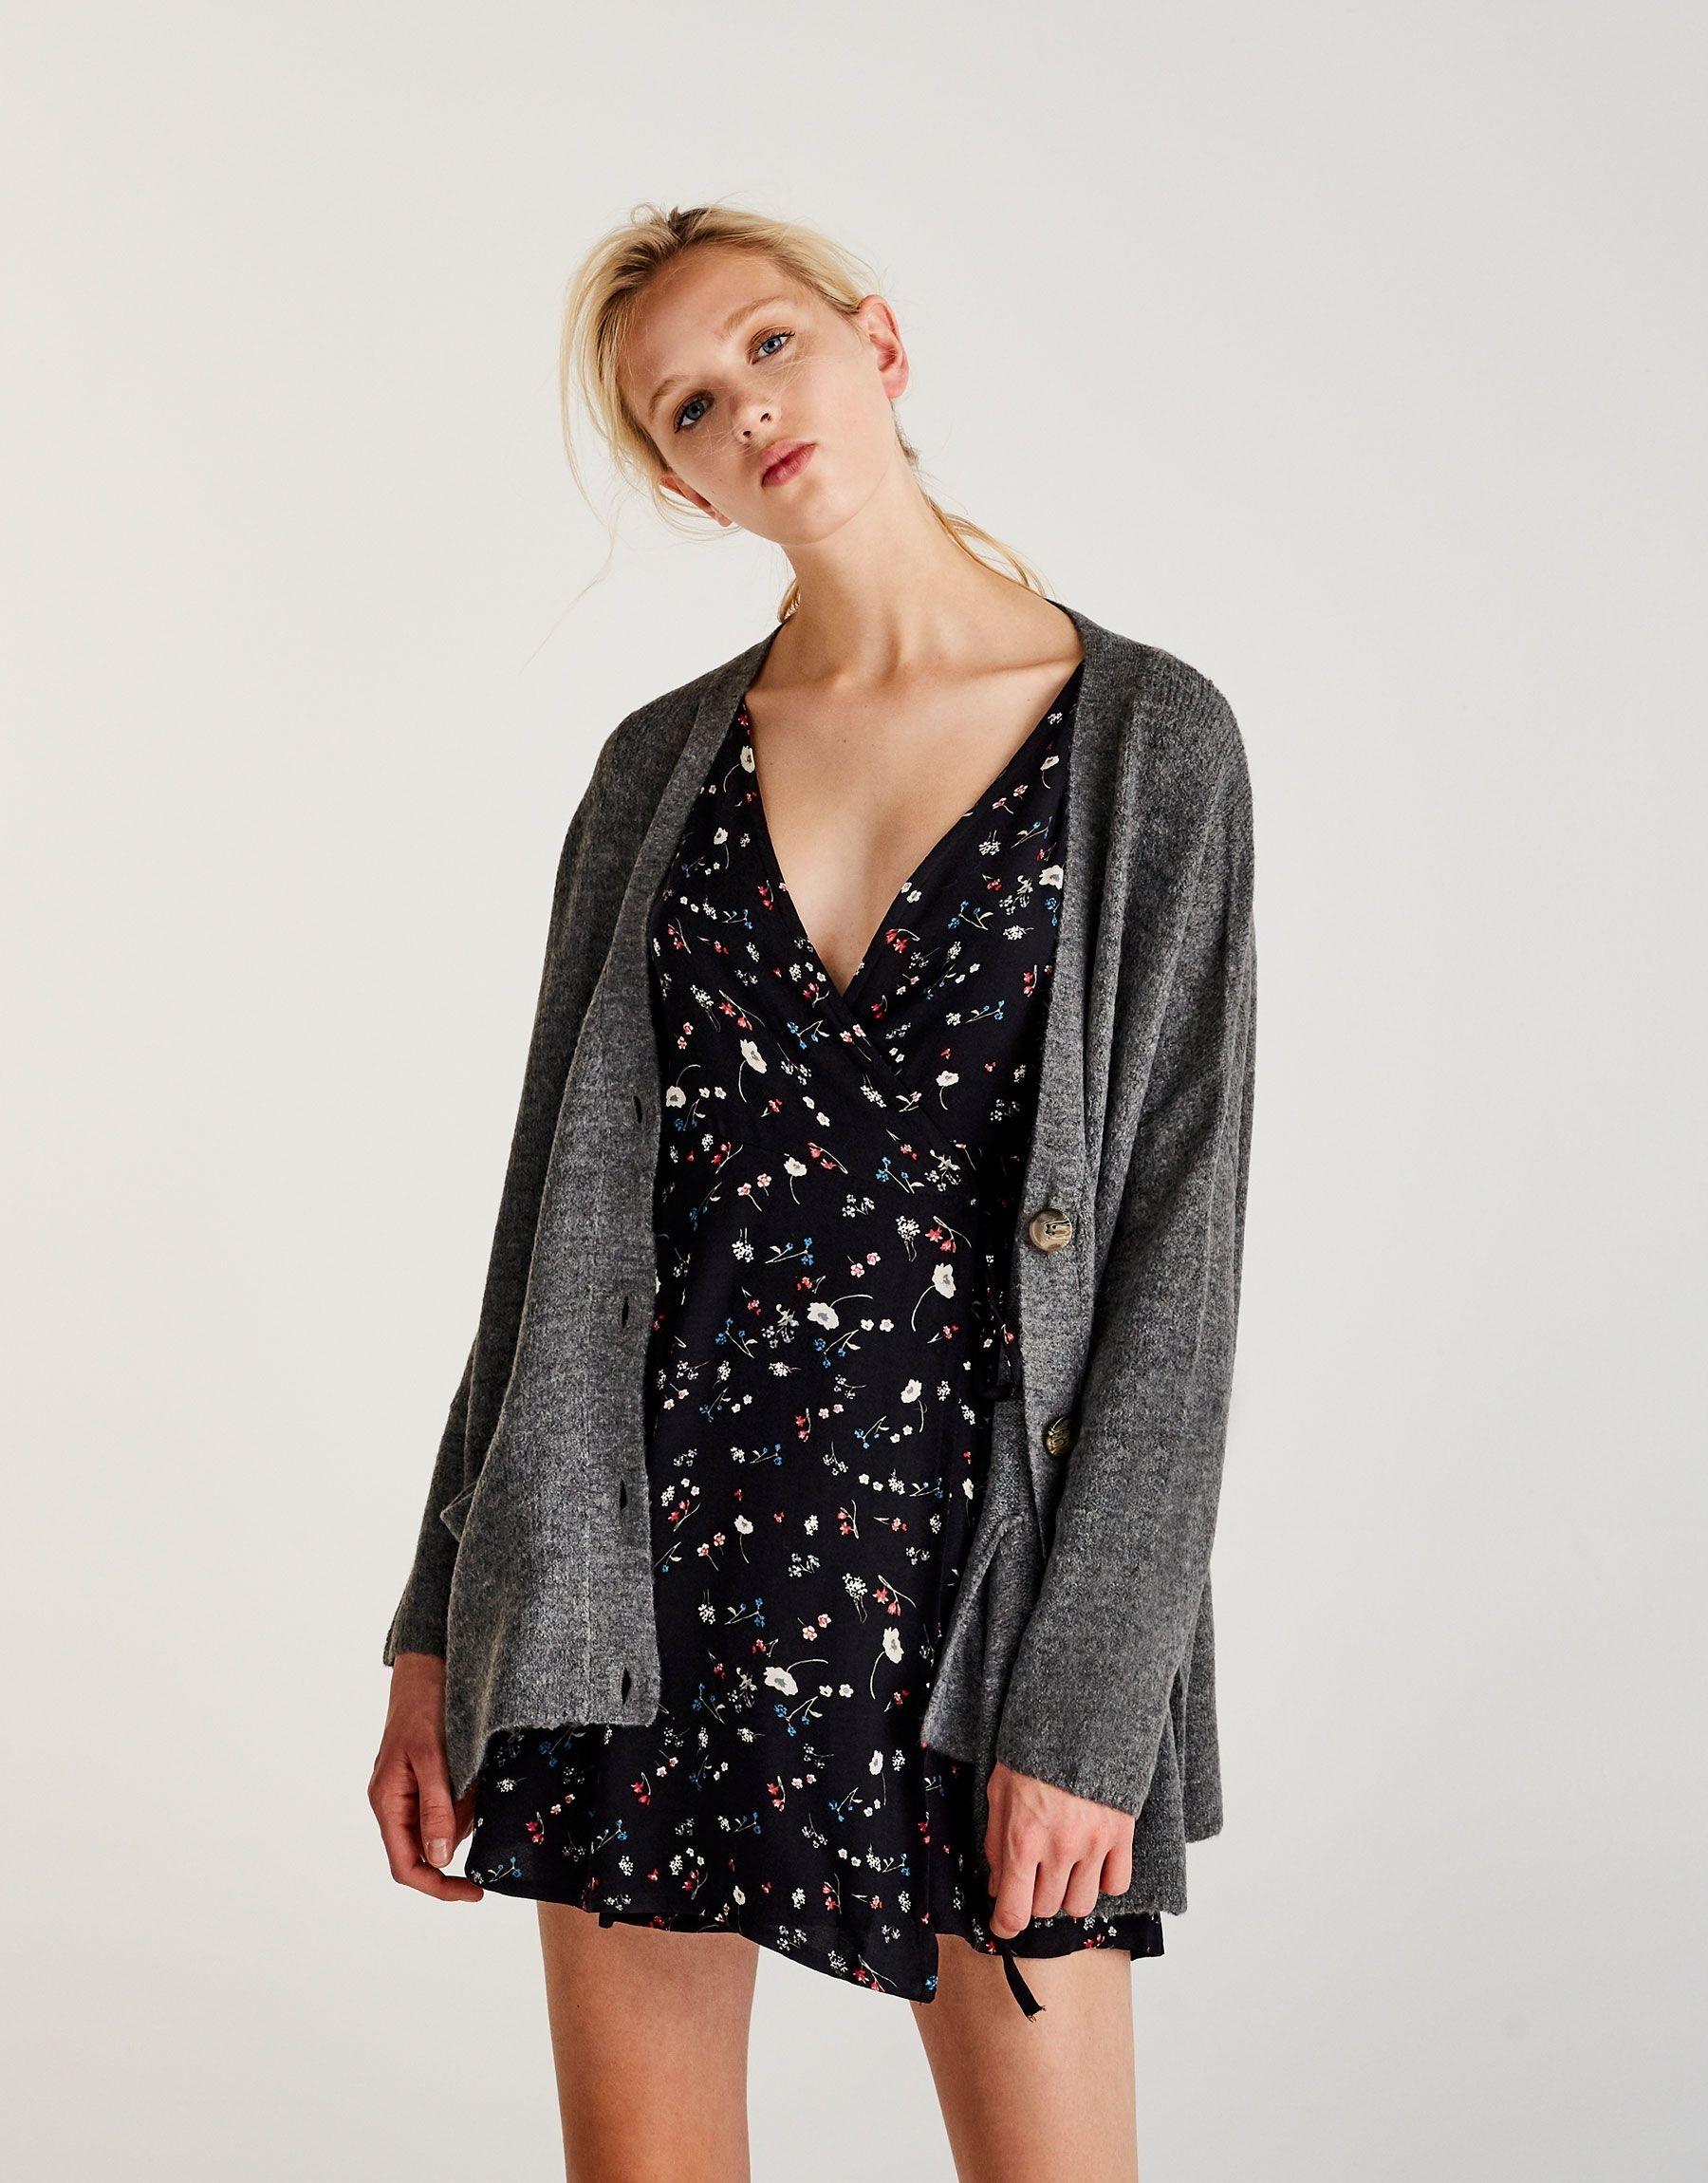 15 Einzigartig Wickelkleider Damen Boutique Wunderbar Wickelkleider Damen für 2019